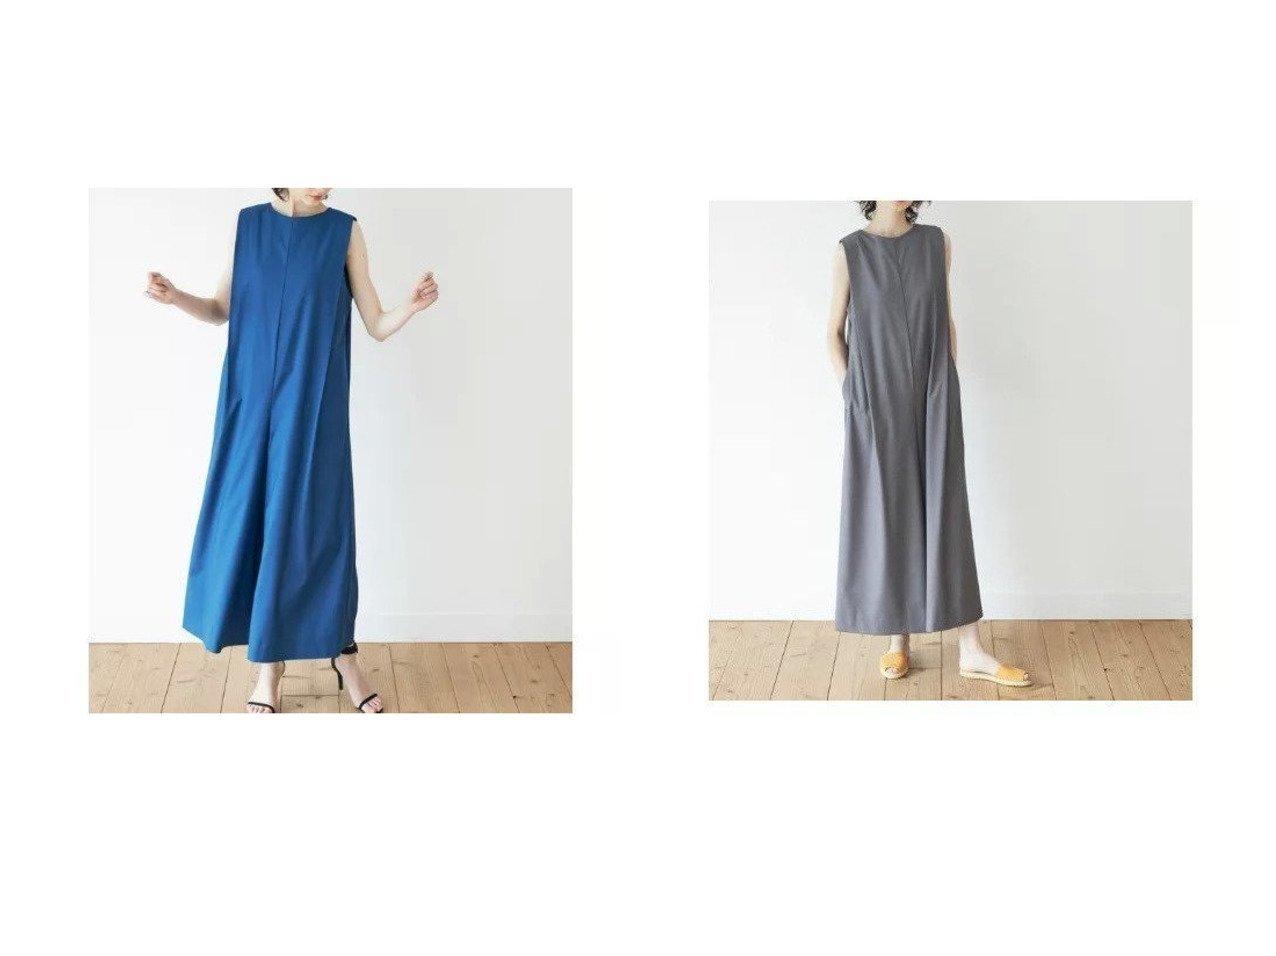 【CLEAR IMPRESSION/クリアインプレッション】のTRツイルオールインワン ワンピース・ドレスのおすすめ!人気、トレンド・レディースファッションの通販 おすすめで人気の流行・トレンド、ファッションの通販商品 メンズファッション・キッズファッション・インテリア・家具・レディースファッション・服の通販 founy(ファニー) https://founy.com/ ファッション Fashion レディースファッション WOMEN パンツ Pants ジャケット セットアップ ポケット ロング  ID:crp329100000024064